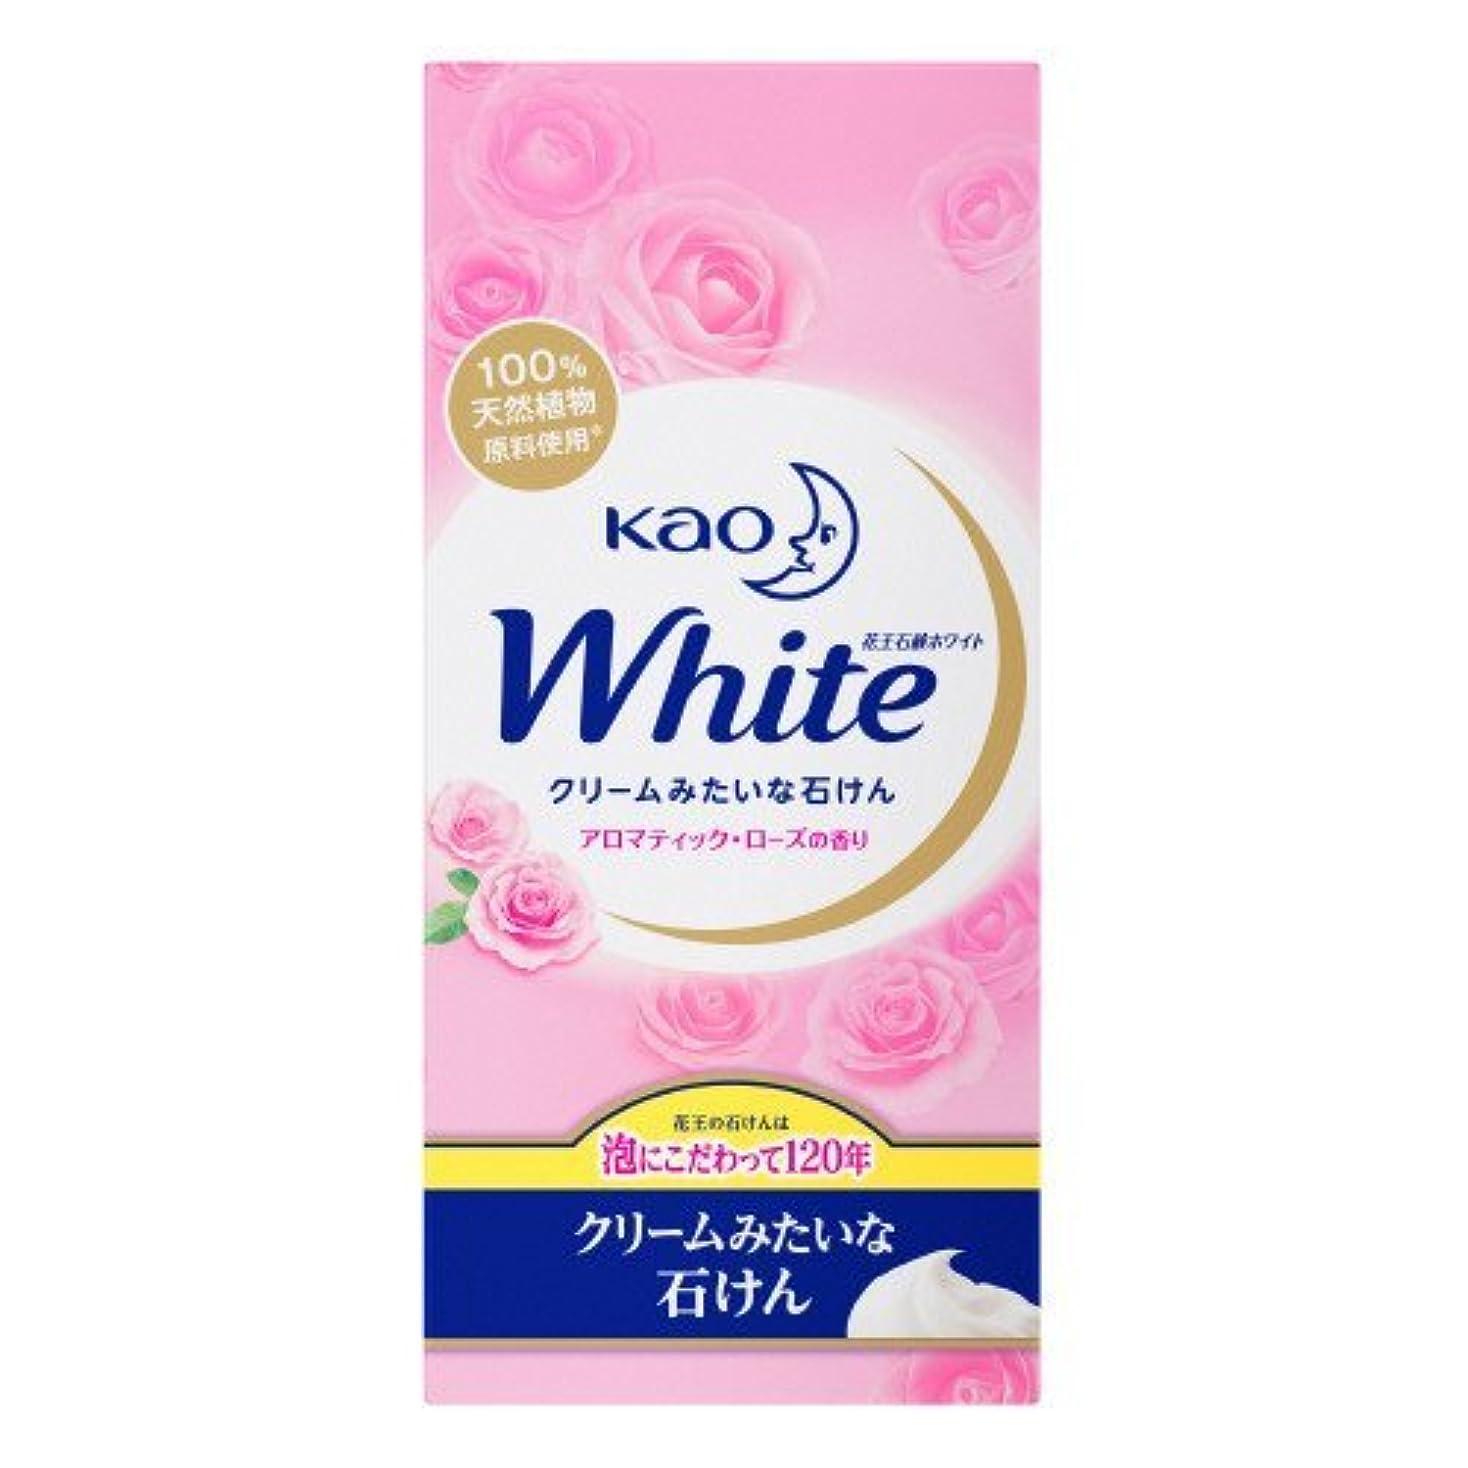 尊敬するタクトシャンプー【花王】花王ホワイト アロマティックローズの香りレギュラーサイズ (85g×6個) ×20個セット